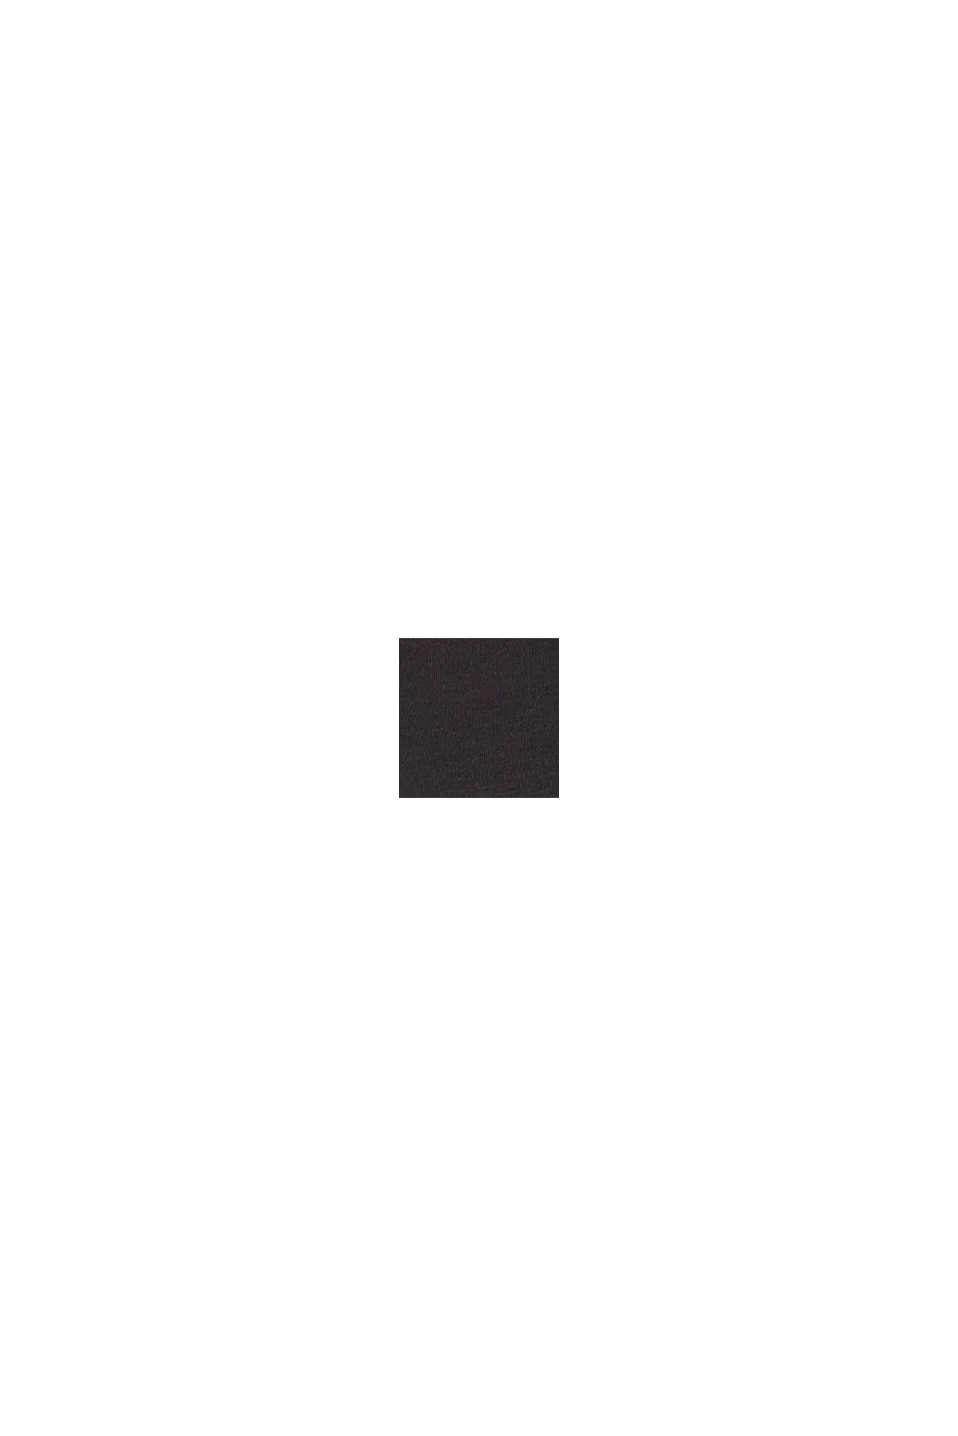 T-shirt en jersey de coton biologique, BLACK, swatch